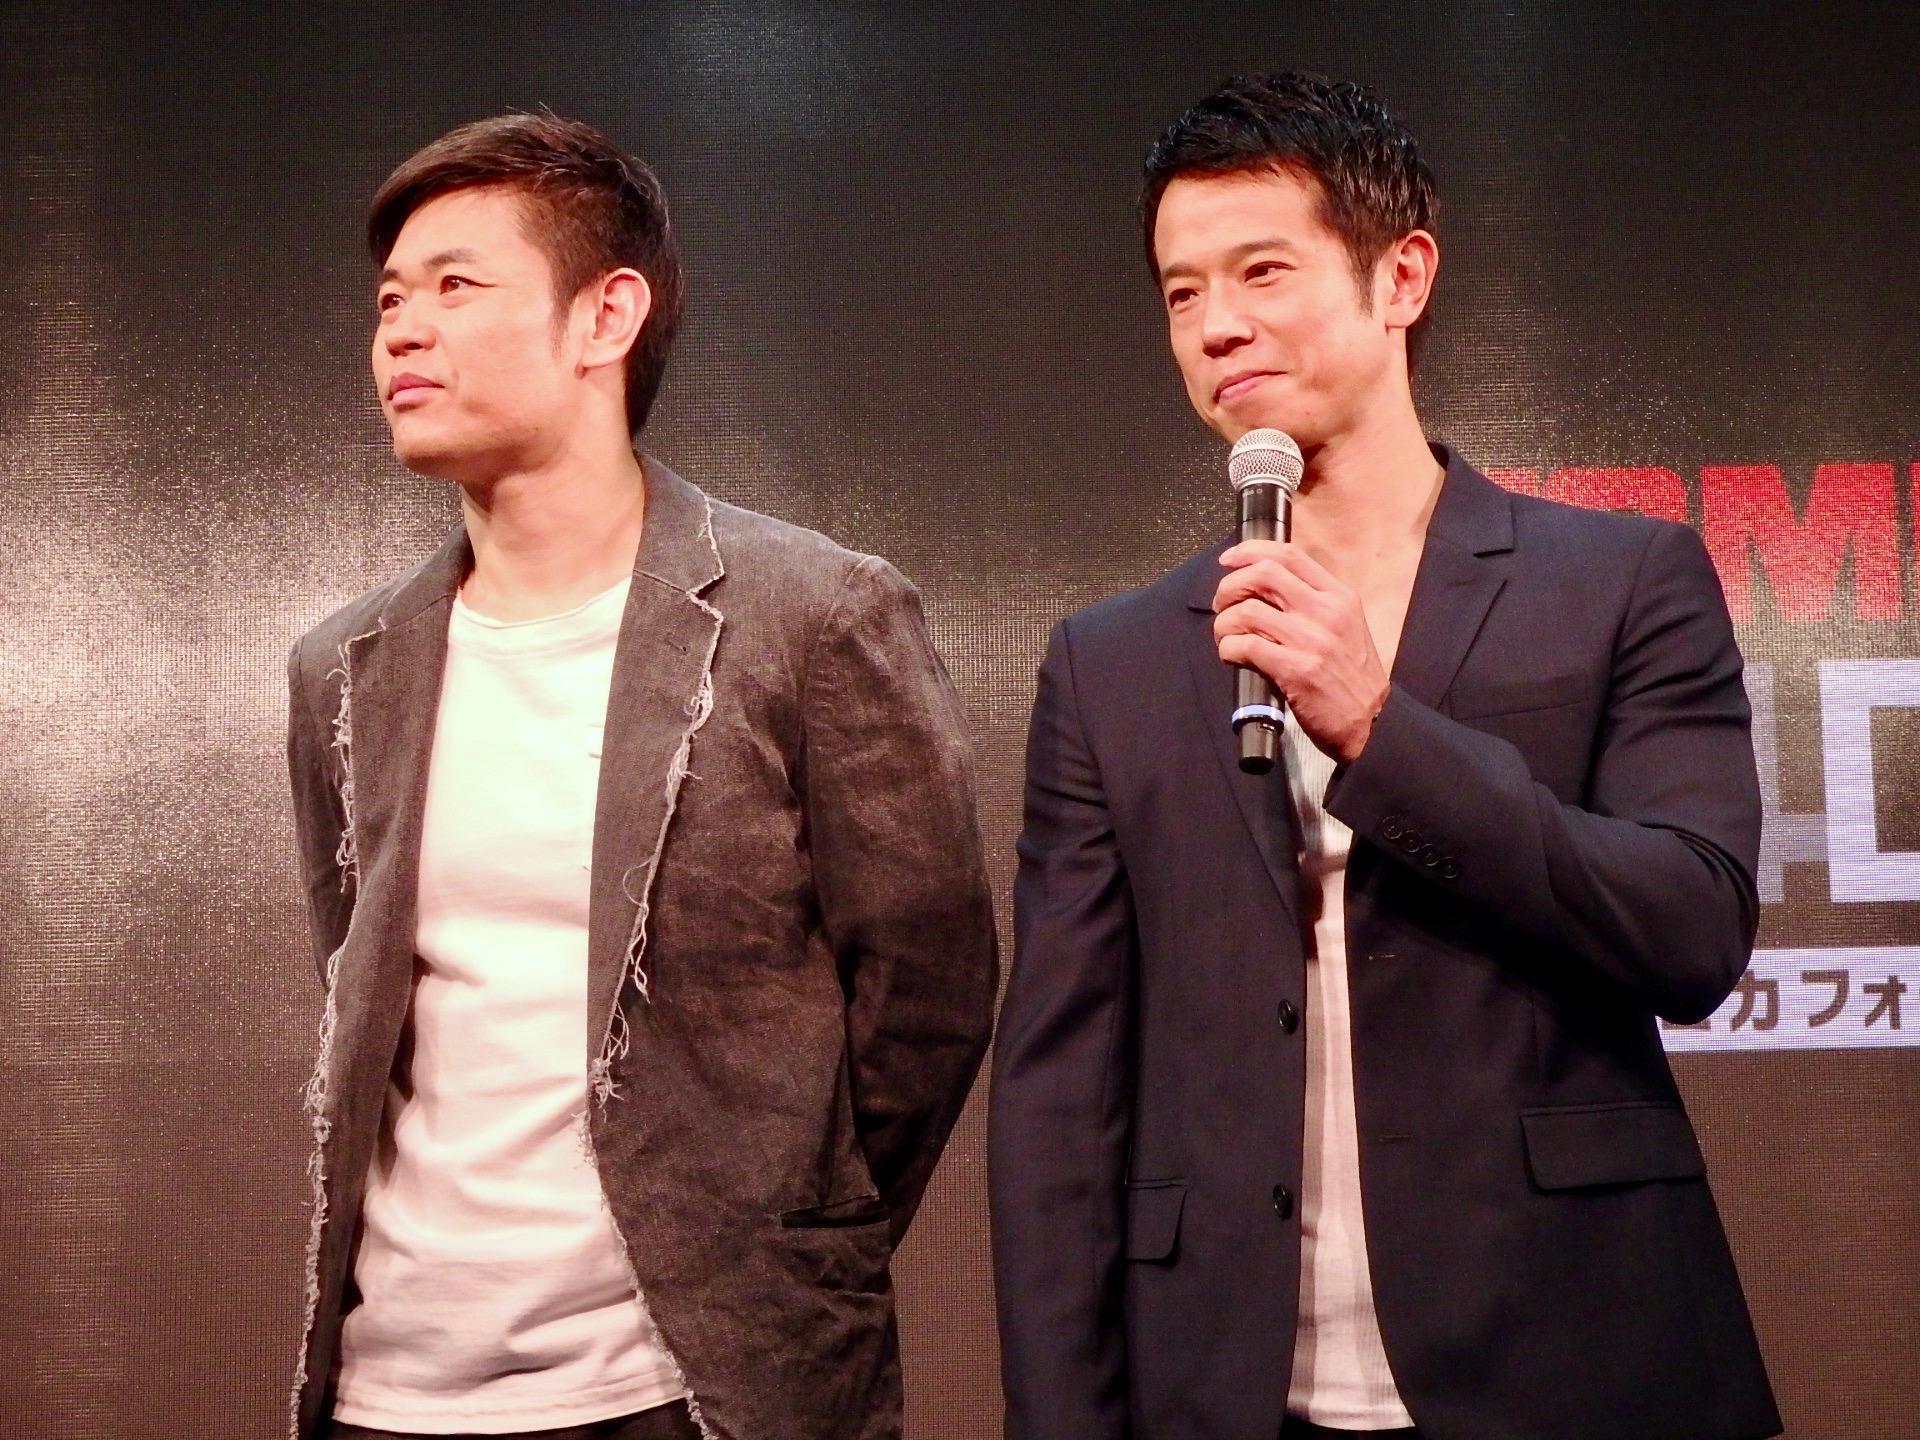 http://news.yoshimoto.co.jp/20180608080403-0a9a11f69cdf9acbdb6e341ac34e1b3f5992bb70.jpg